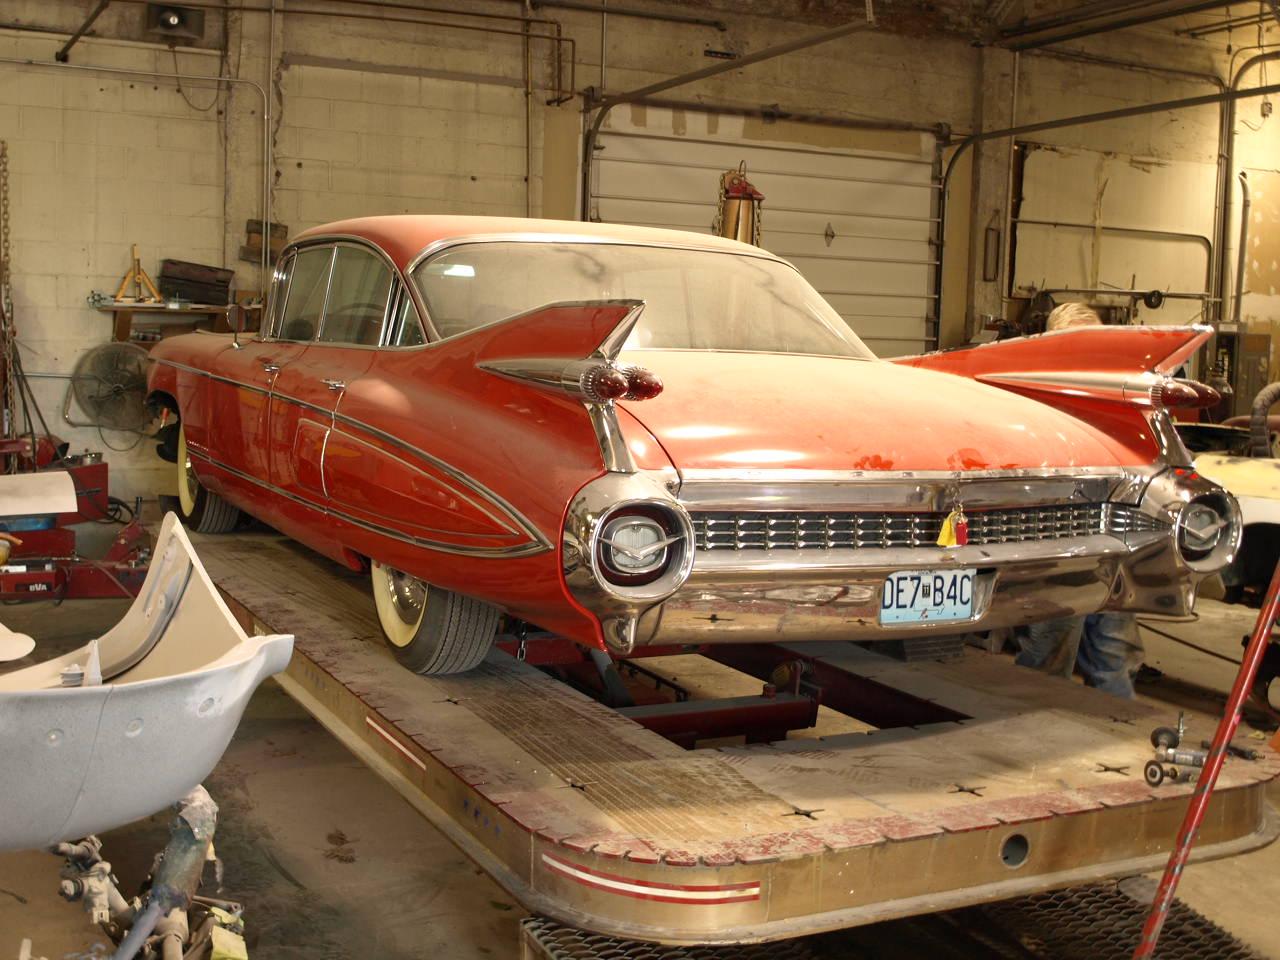 1959 Cadillac Fleetwood - Precision Car Restoration